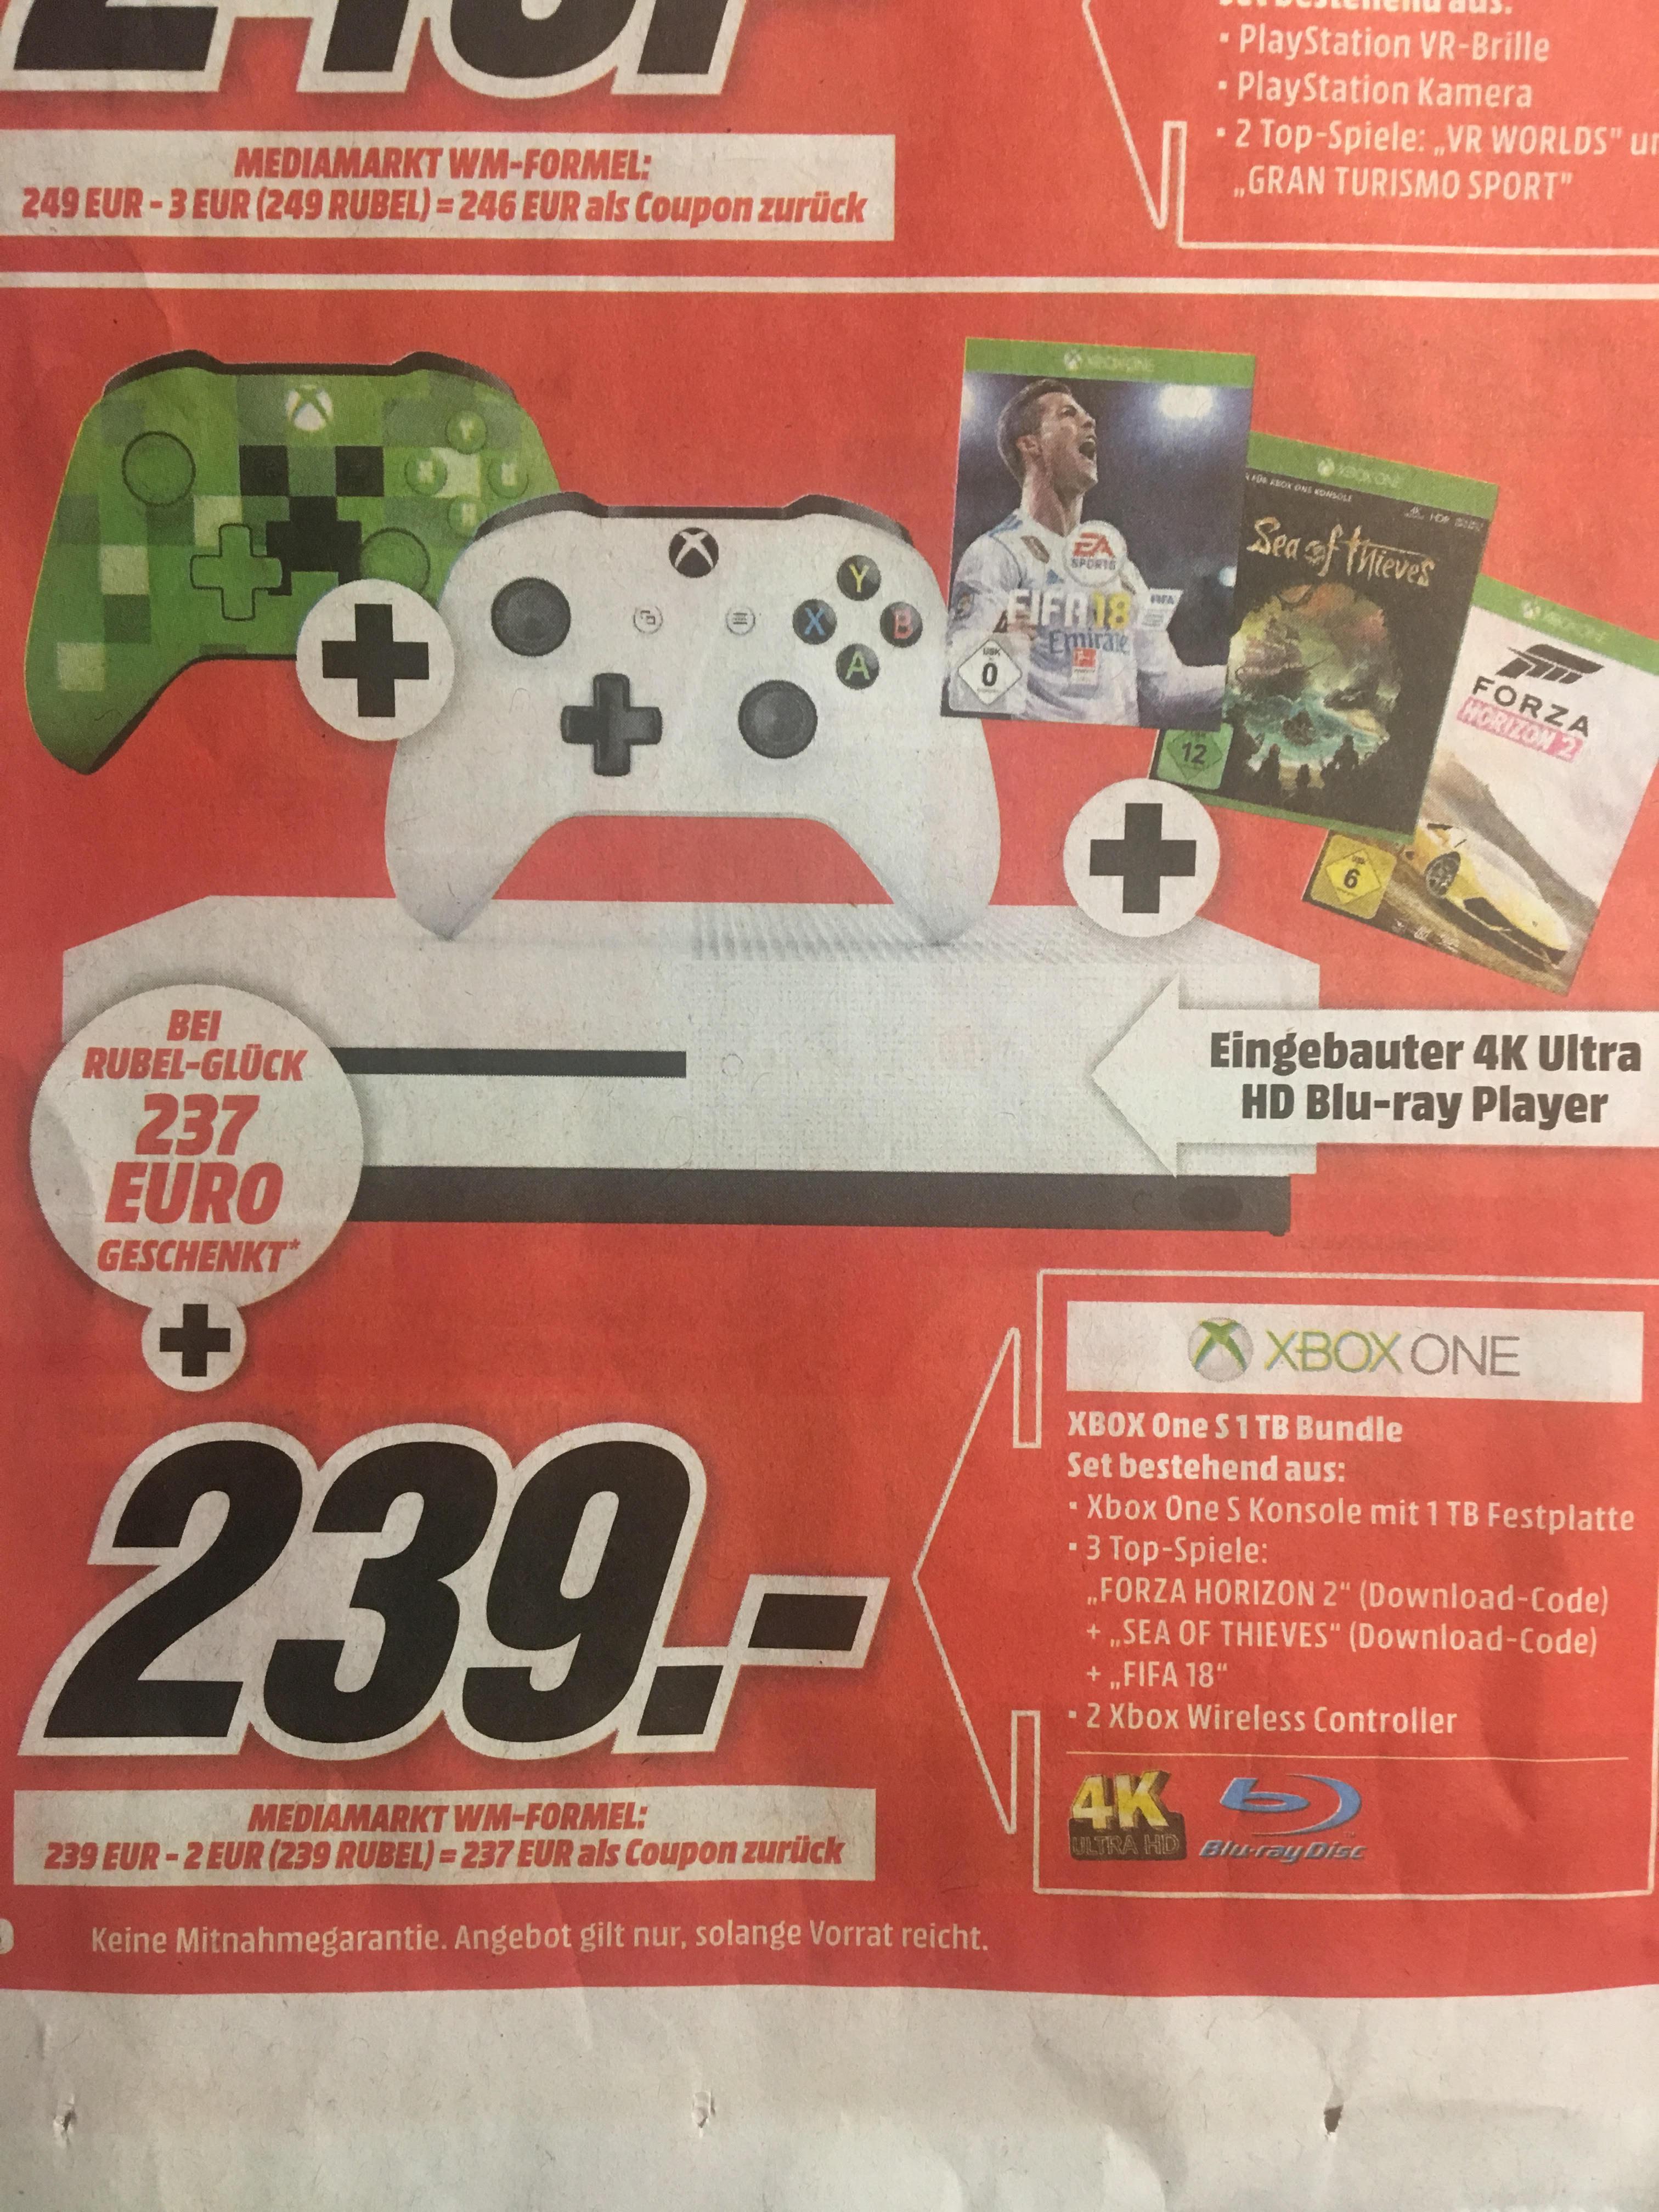 Media Markt - Xbox One S 1 TB + Fifa 18 + Sea of Thieves + Forza Horizon 2 + 2. Xbox Wireless Controller